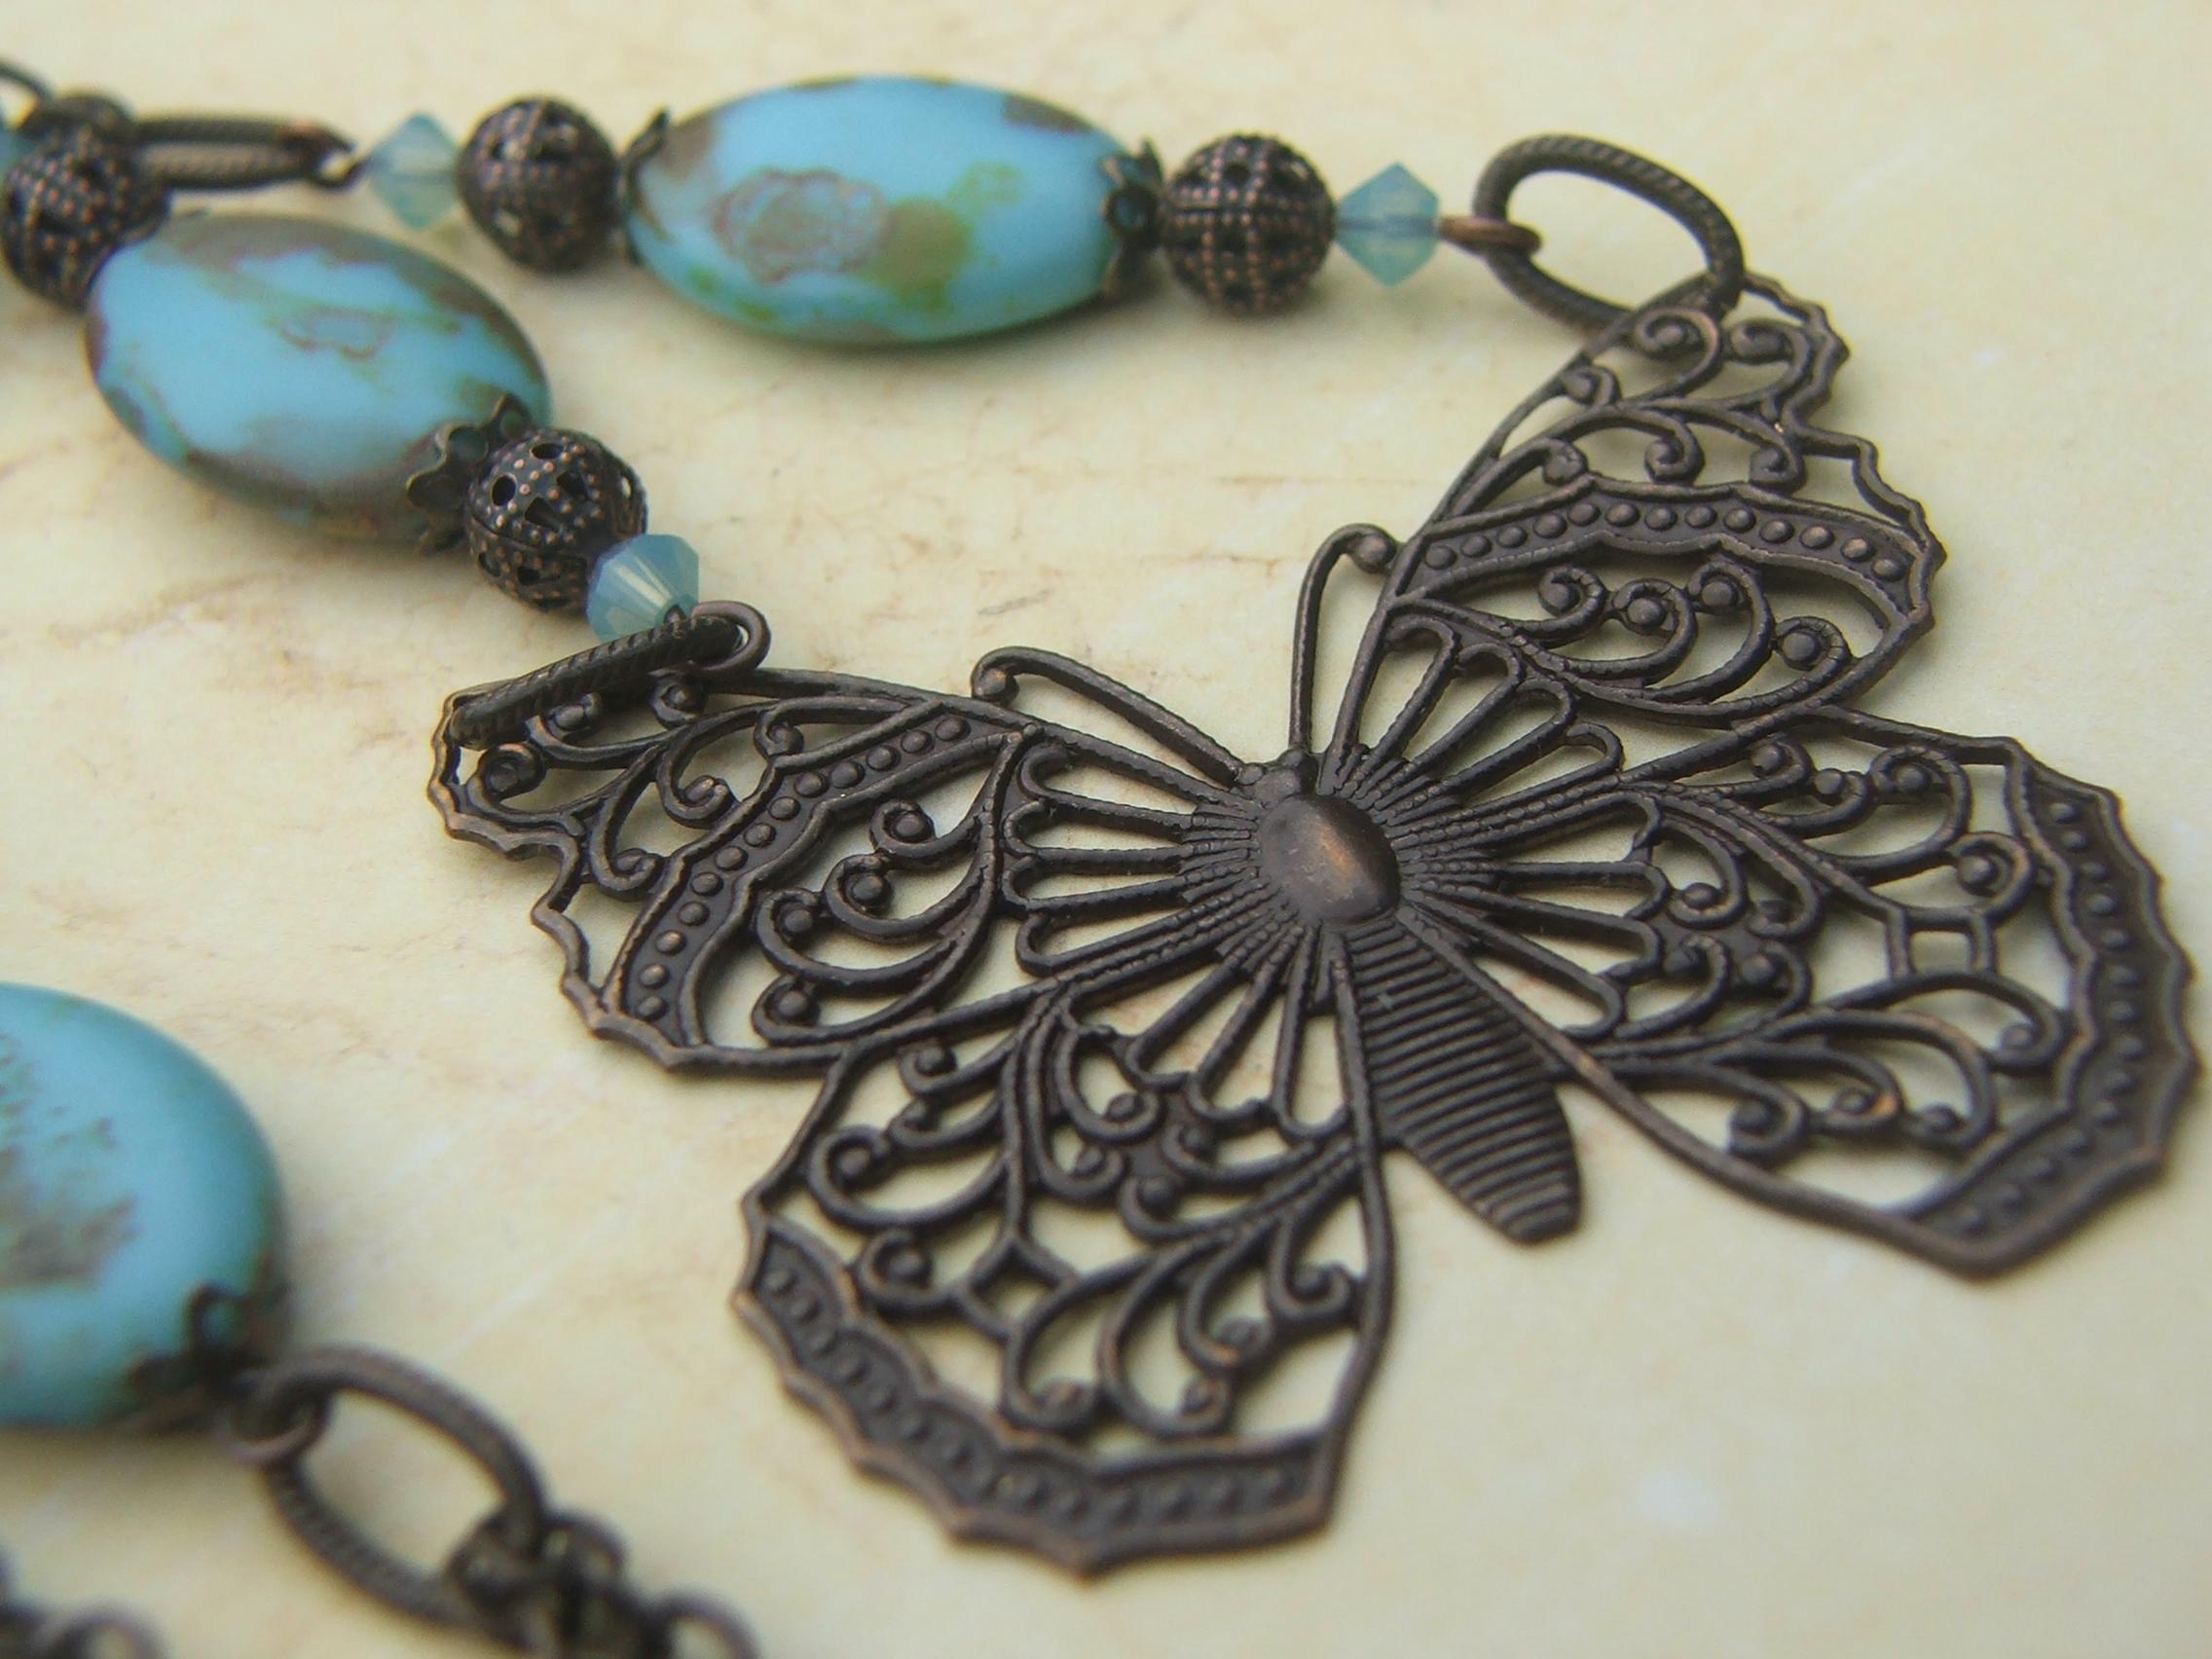 Vintage Inspired Jewelry | lilruby jewelry